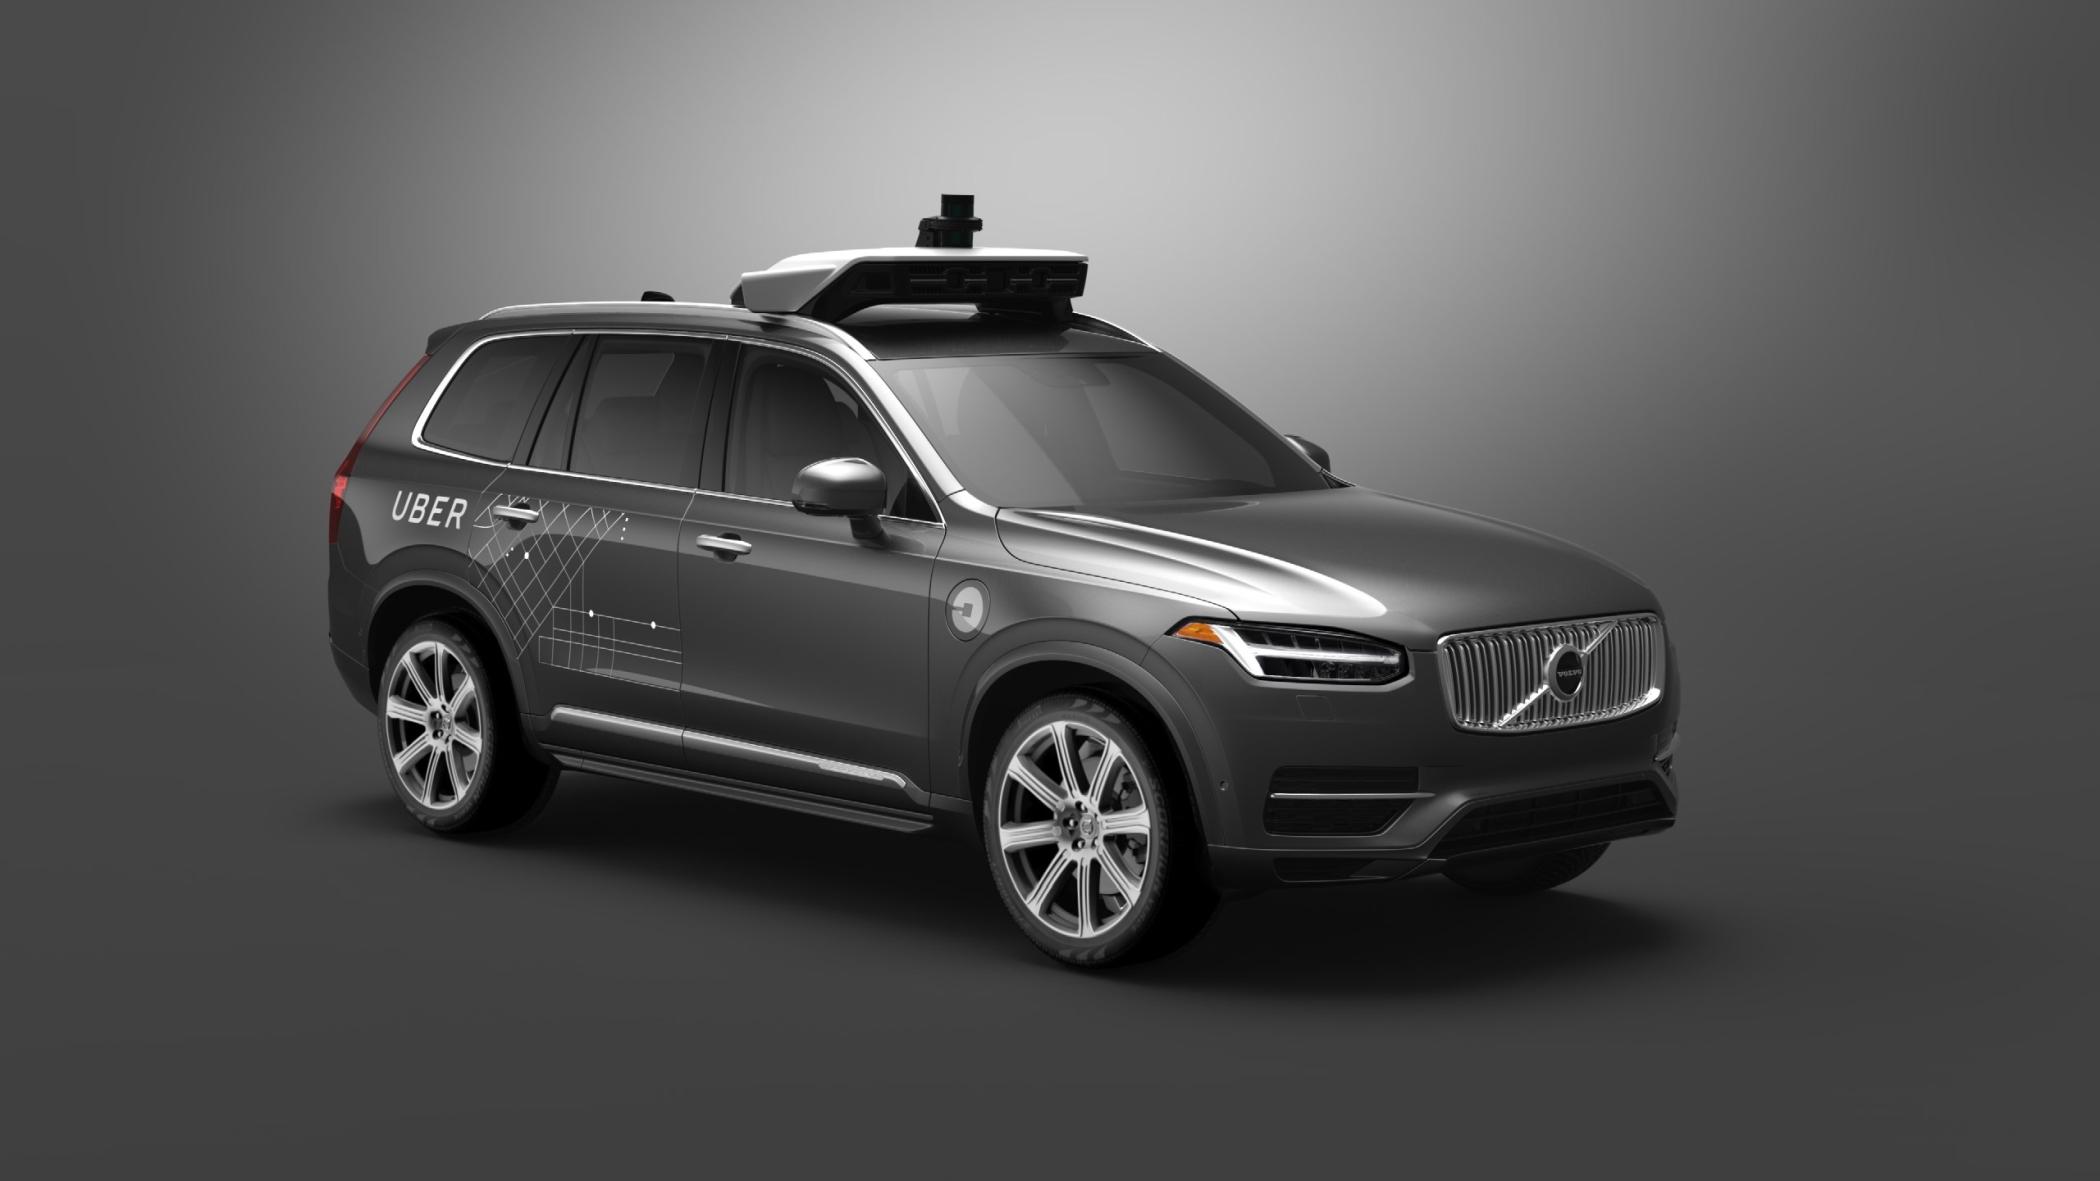 Parceria entre Uber e Volvo desenvolverá XC90 autônomos: Novata nuTonomy deixa Uber para trás e seus táxis autônomos já atendem chamados em Singapura com veículos que andam sozinhos